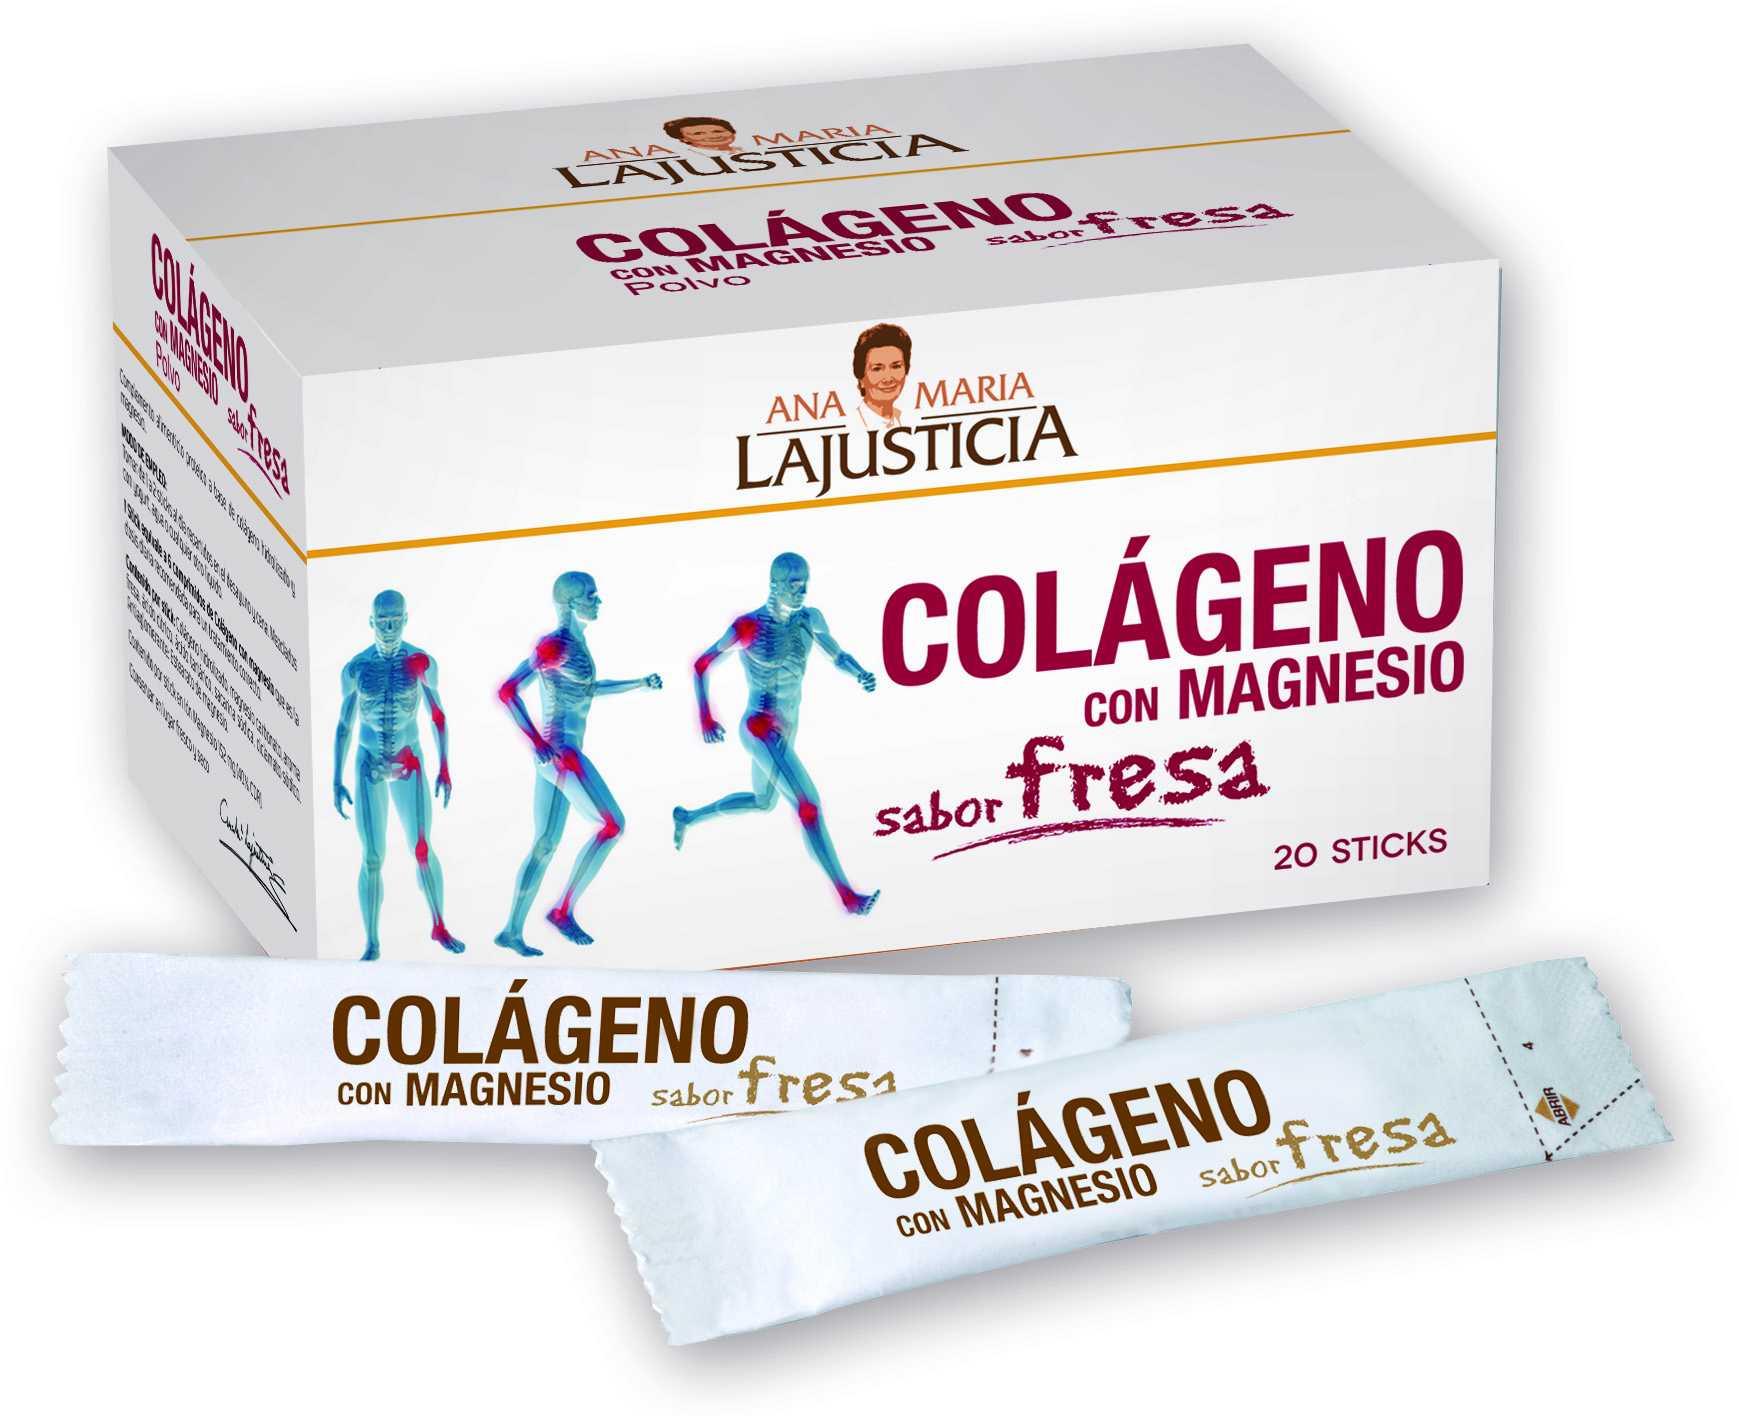 Ana Maria Lajusticia Colageno con Magnesio Fresa 20 sticks